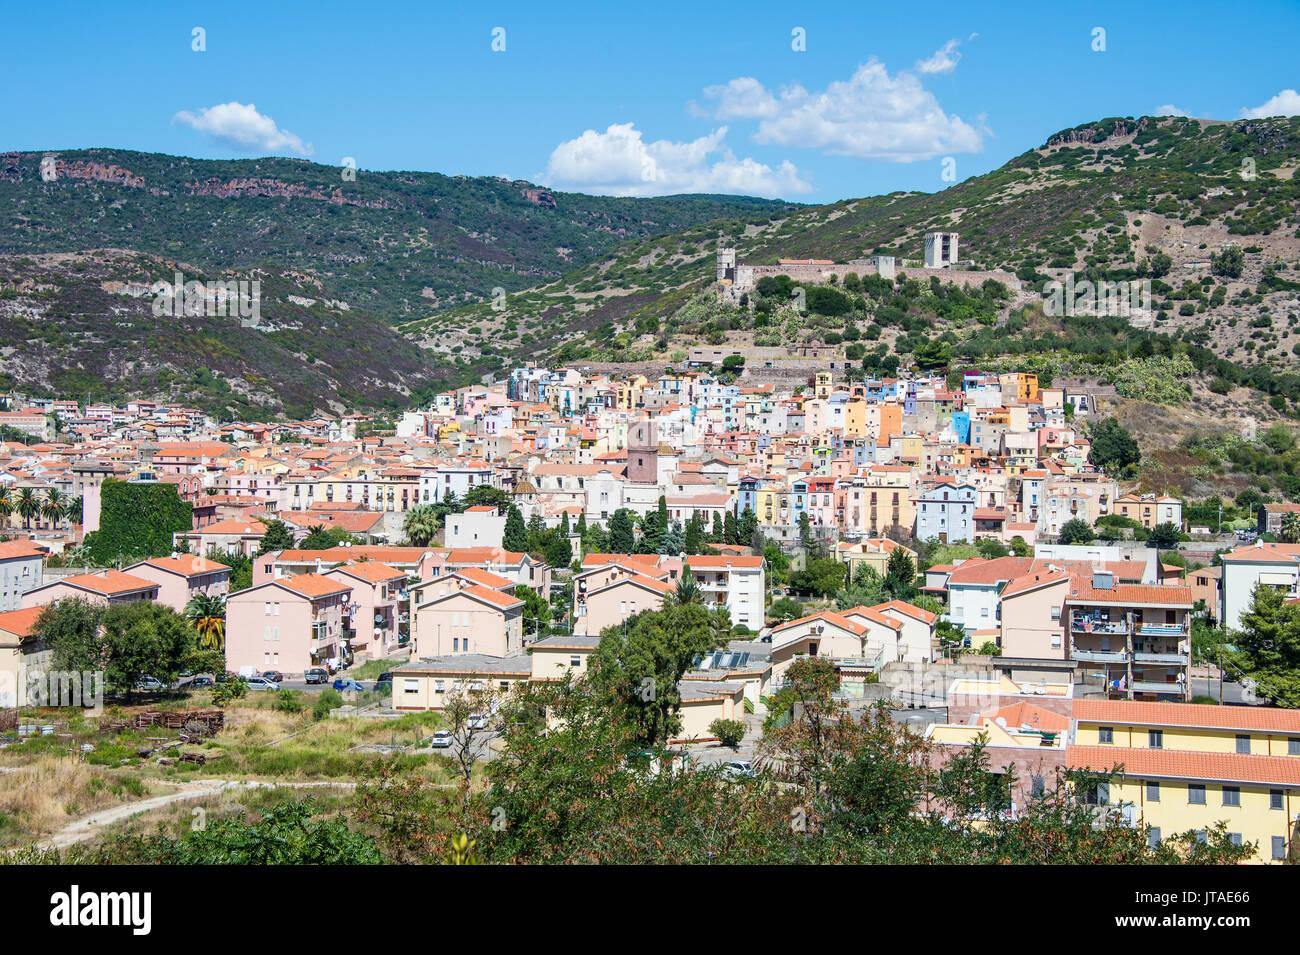 Vista sulla città di Bosa presso il fiume Temo, Sardegna, Italia, Europa Immagini Stock